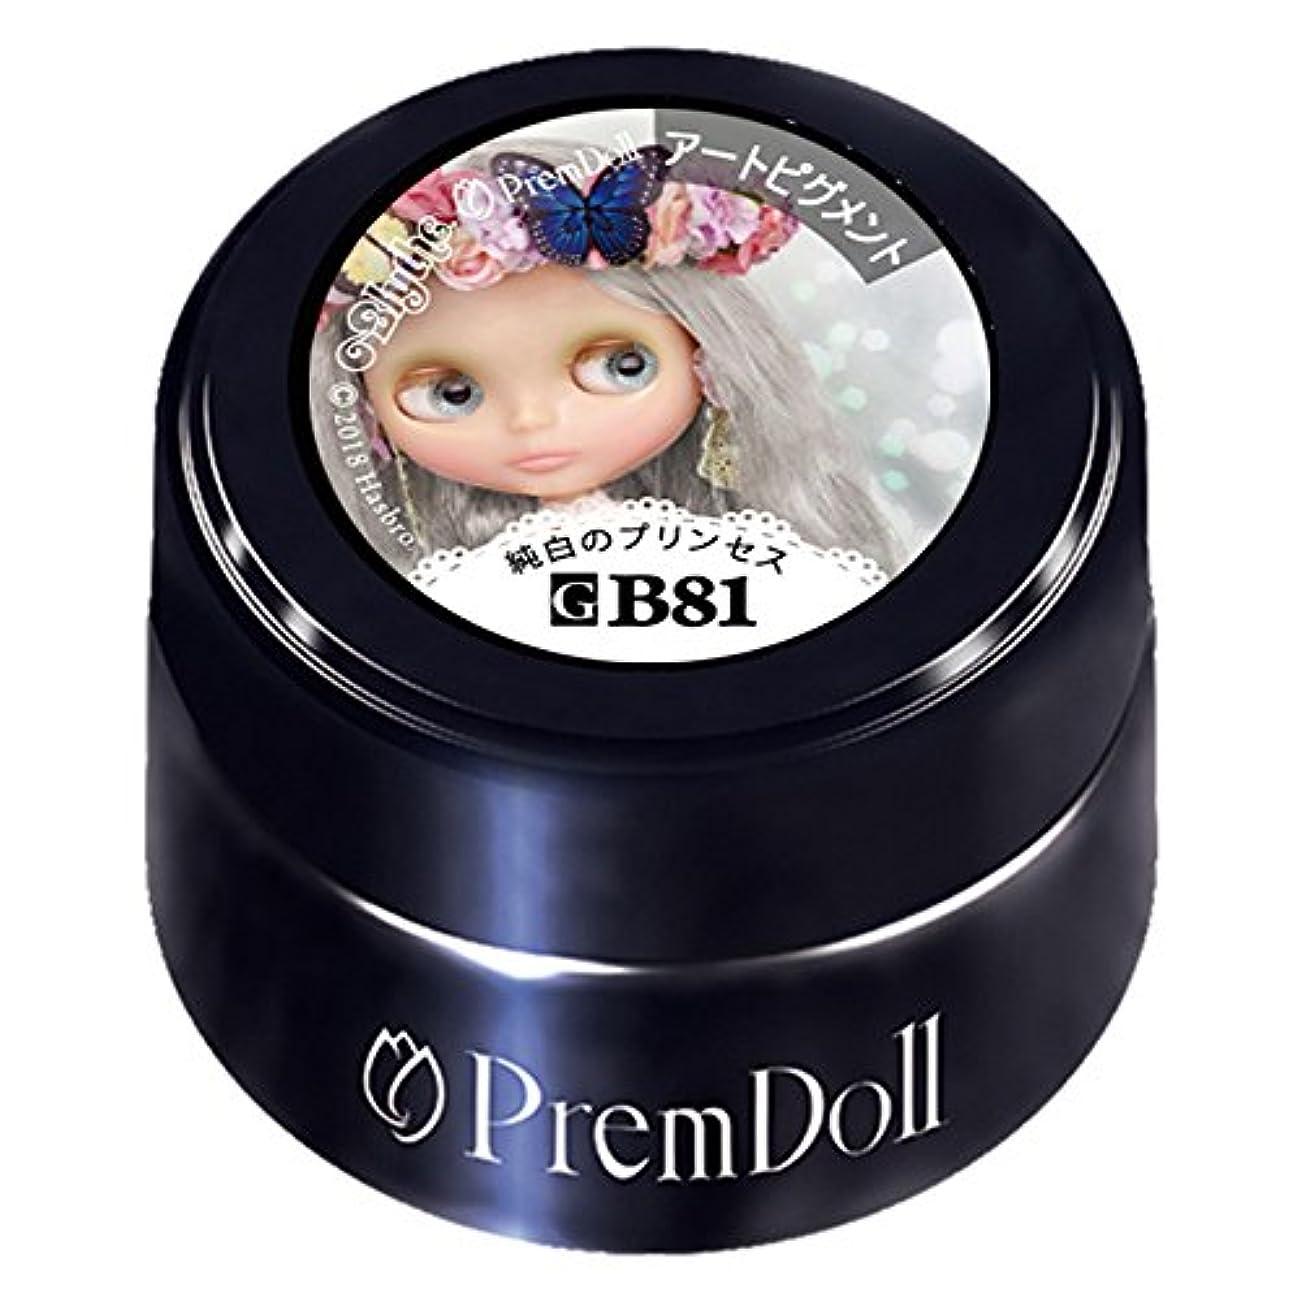 受け皿あたたかい柱PRE GEL プリムドール純白のプリンセス81 DOLL-B81 3g UV/LED対応タイオウ